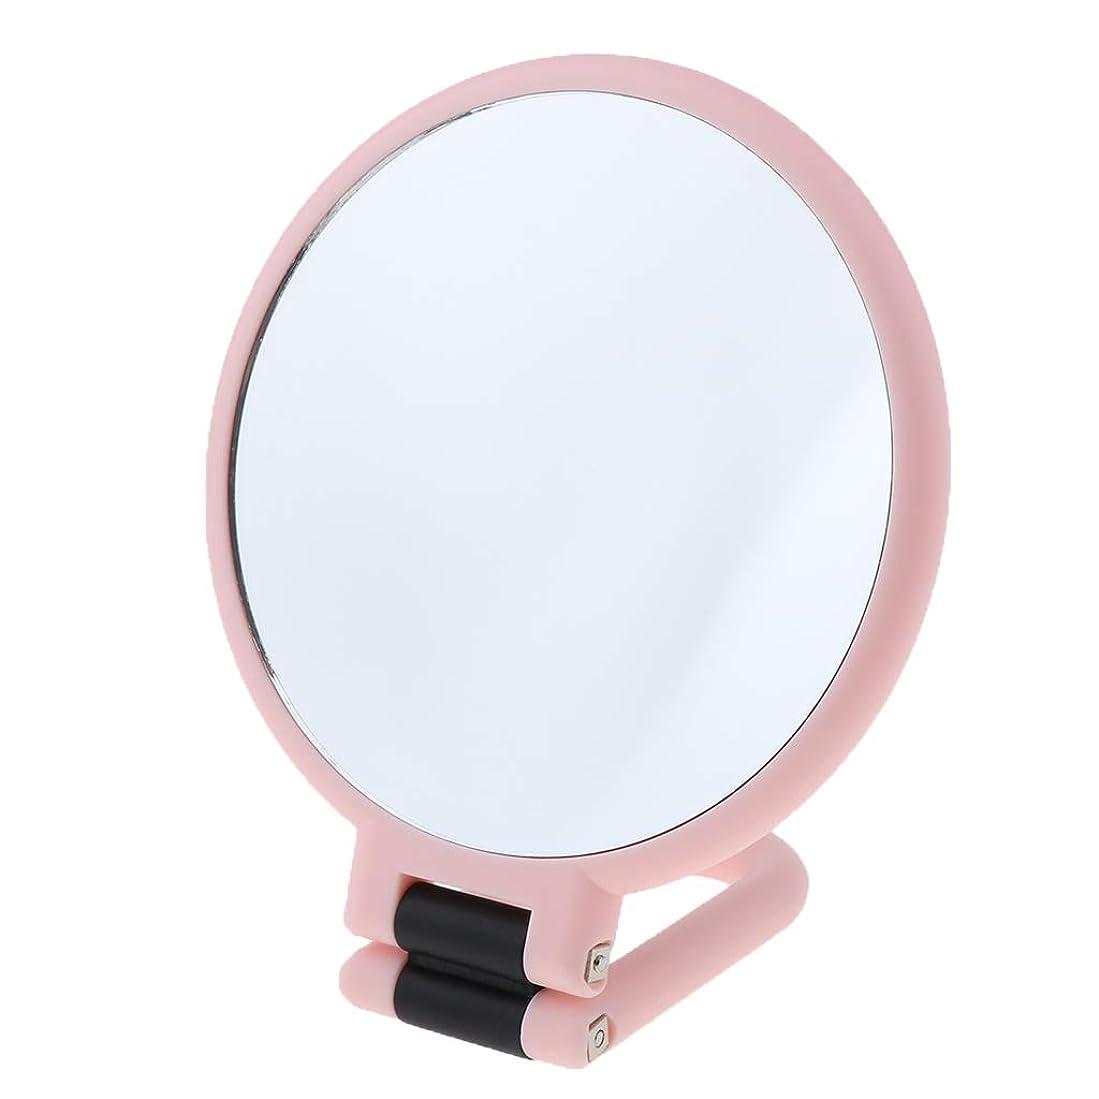 忘れっぽい説得覆すP Prettyia ポータブル 化粧鏡 両面 ハンドヘルド 拡大鏡 全3選択 - 3倍拡大